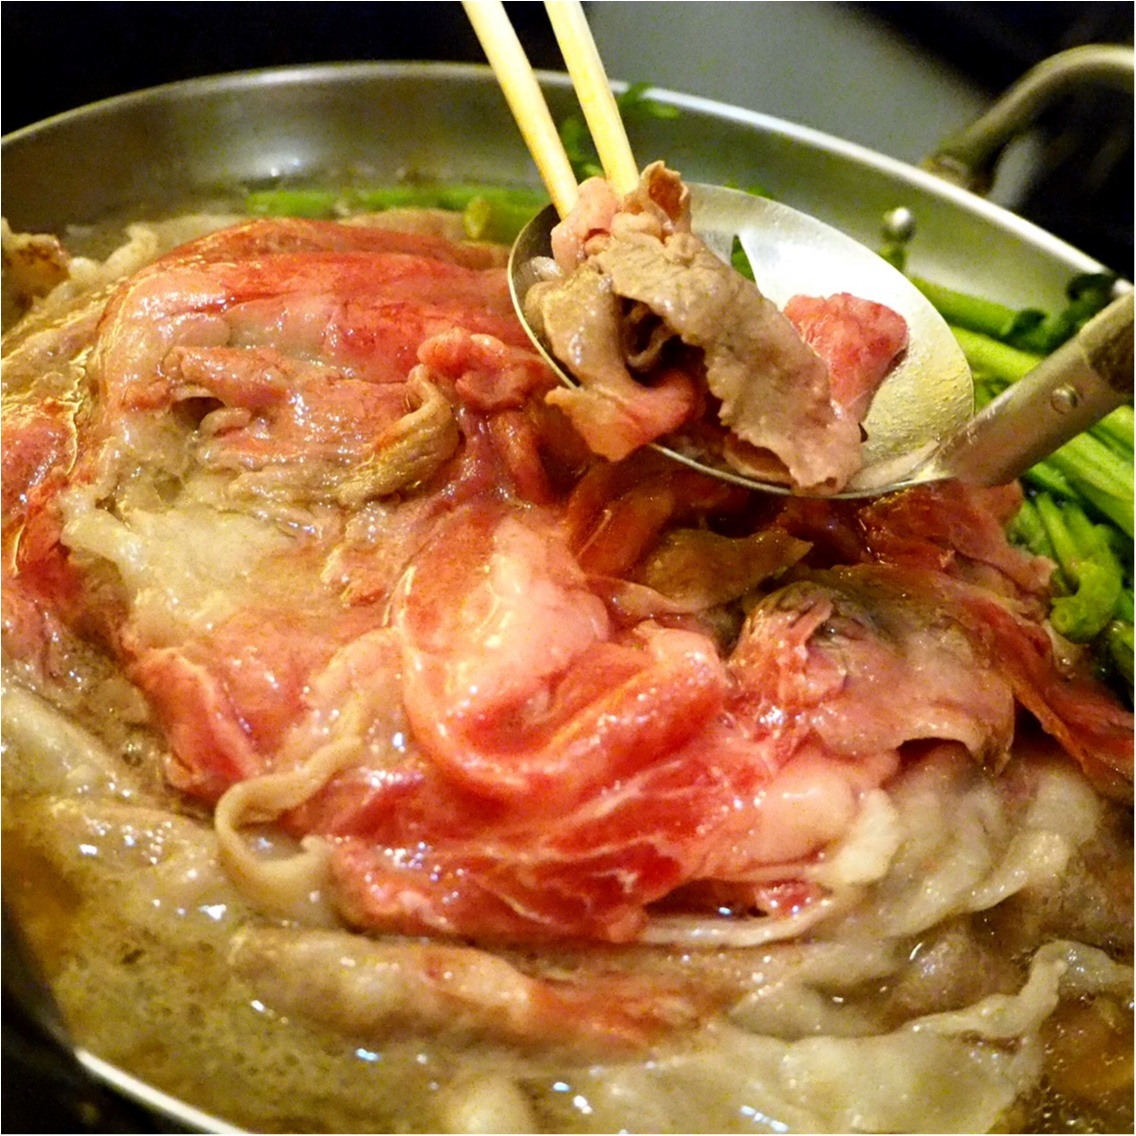 暑い夏こそ食べなきゃ♡塩すき鍋は特製の氷ダレをのせてさっぱりとした味わい_6